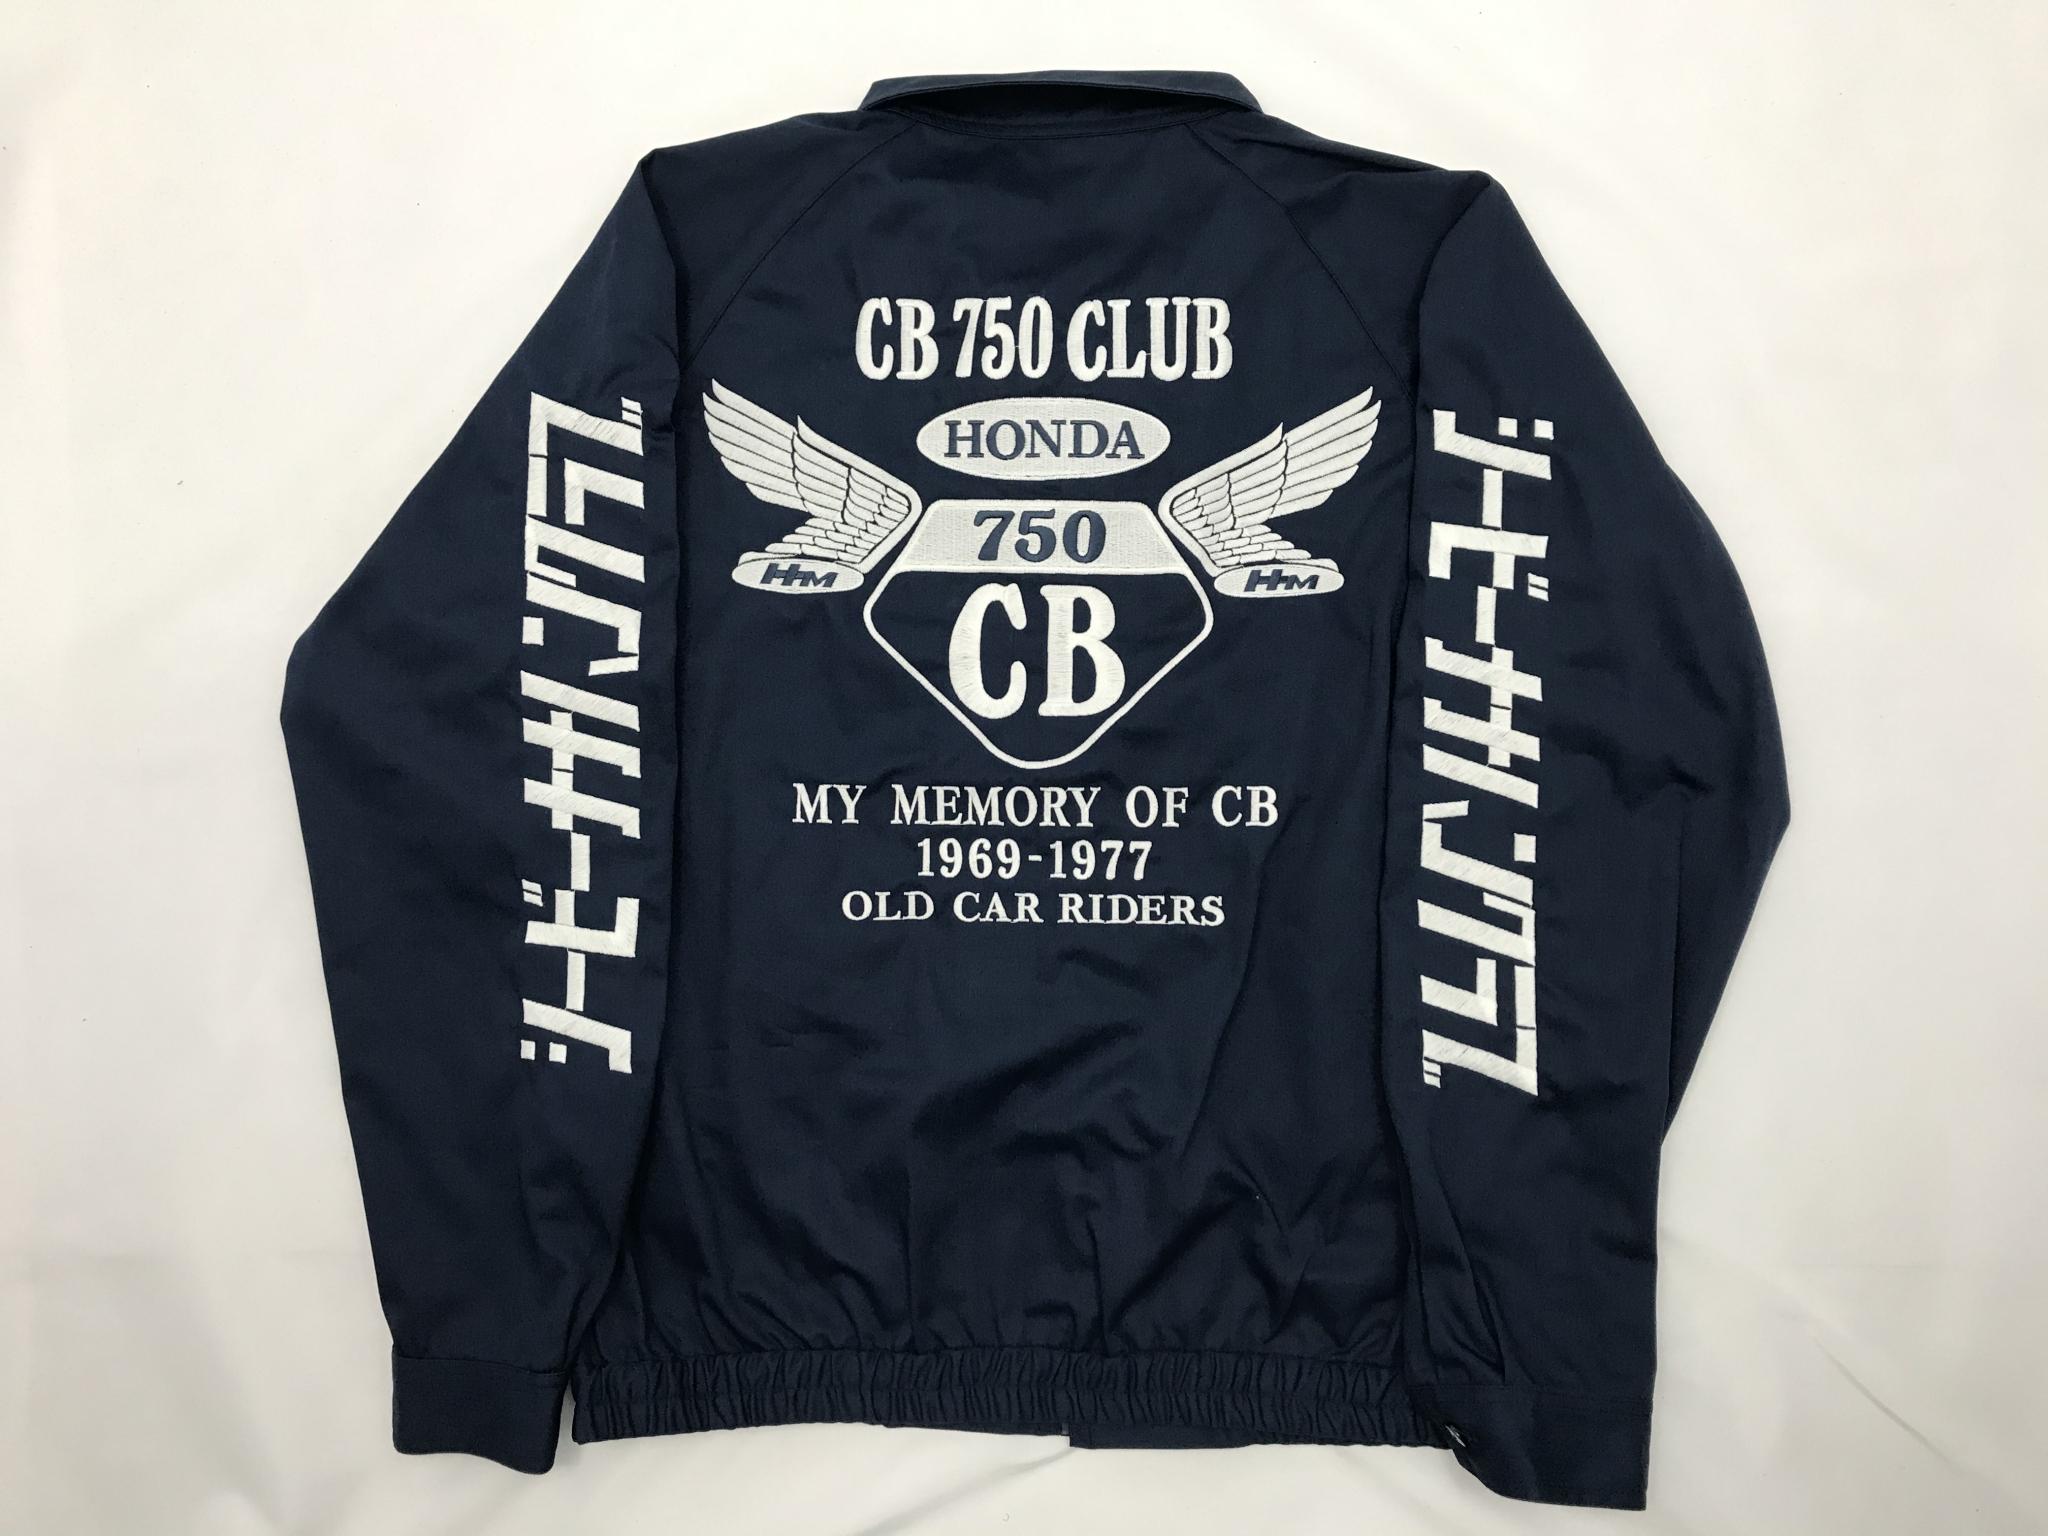 7FB27BE7-9C4B-444F-85E2-41FE114F291F